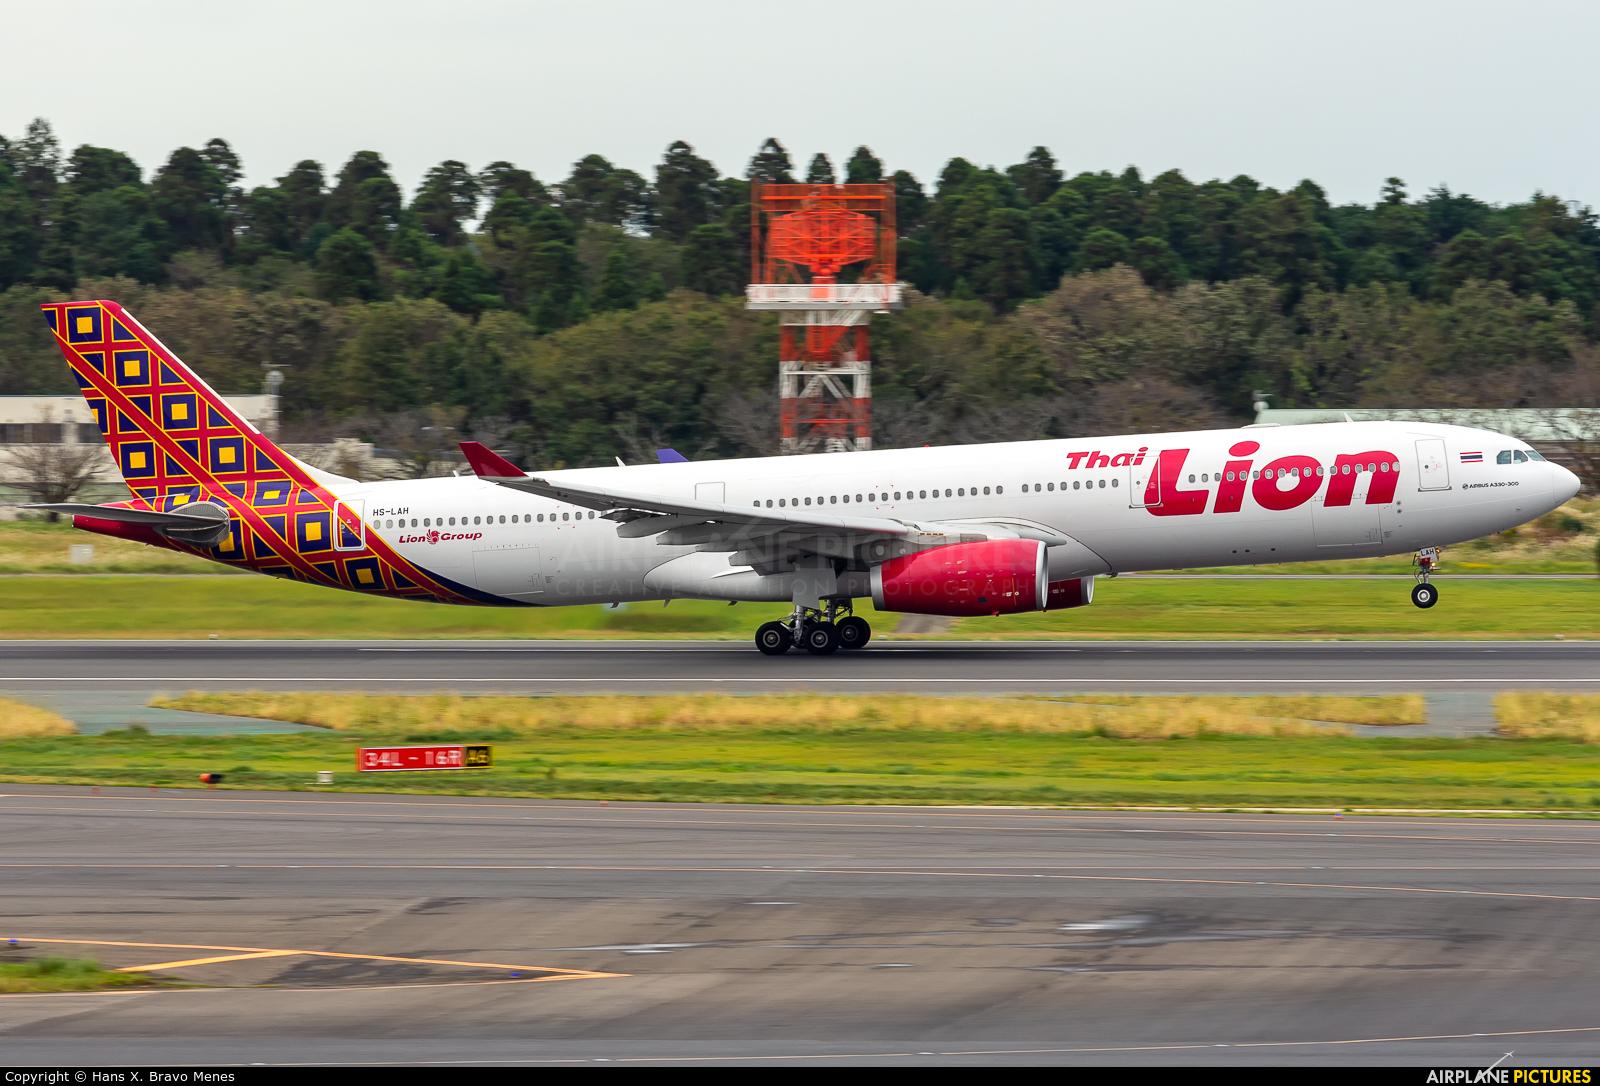 Thai Lion Air HS-LAH aircraft at Tokyo - Narita Intl